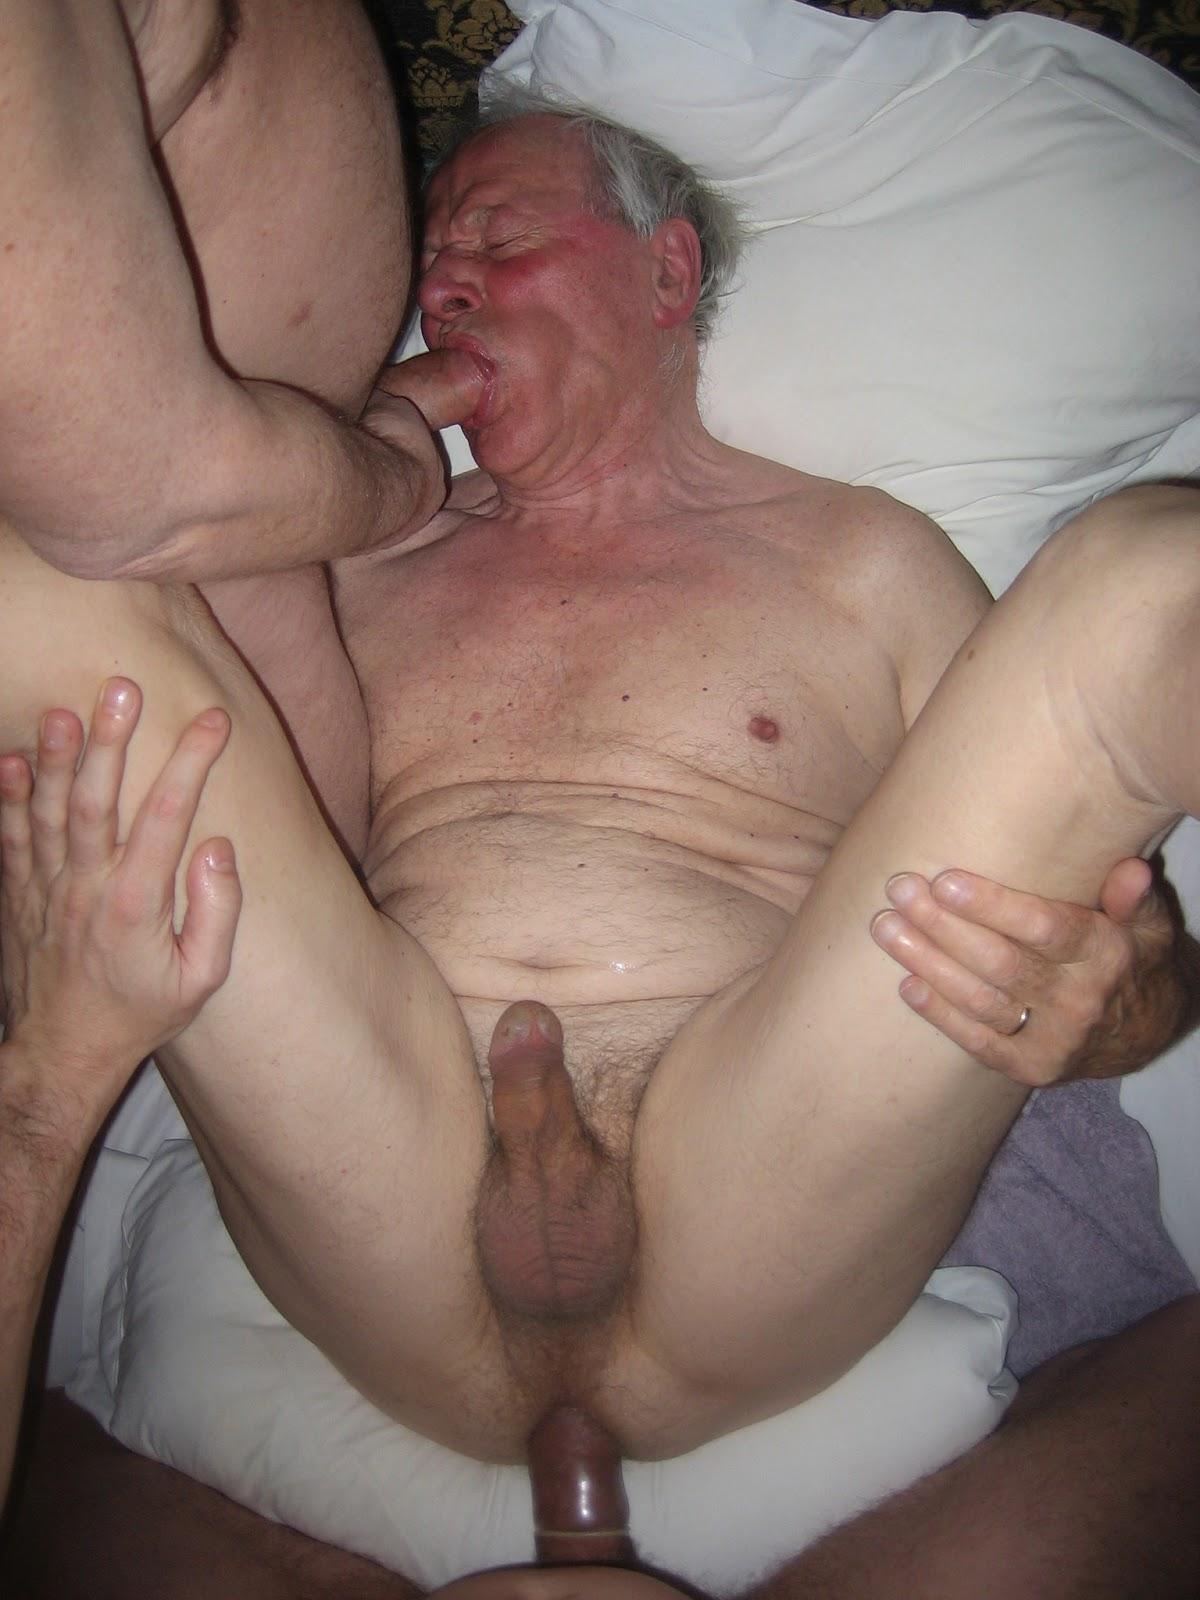 Gay threesome older